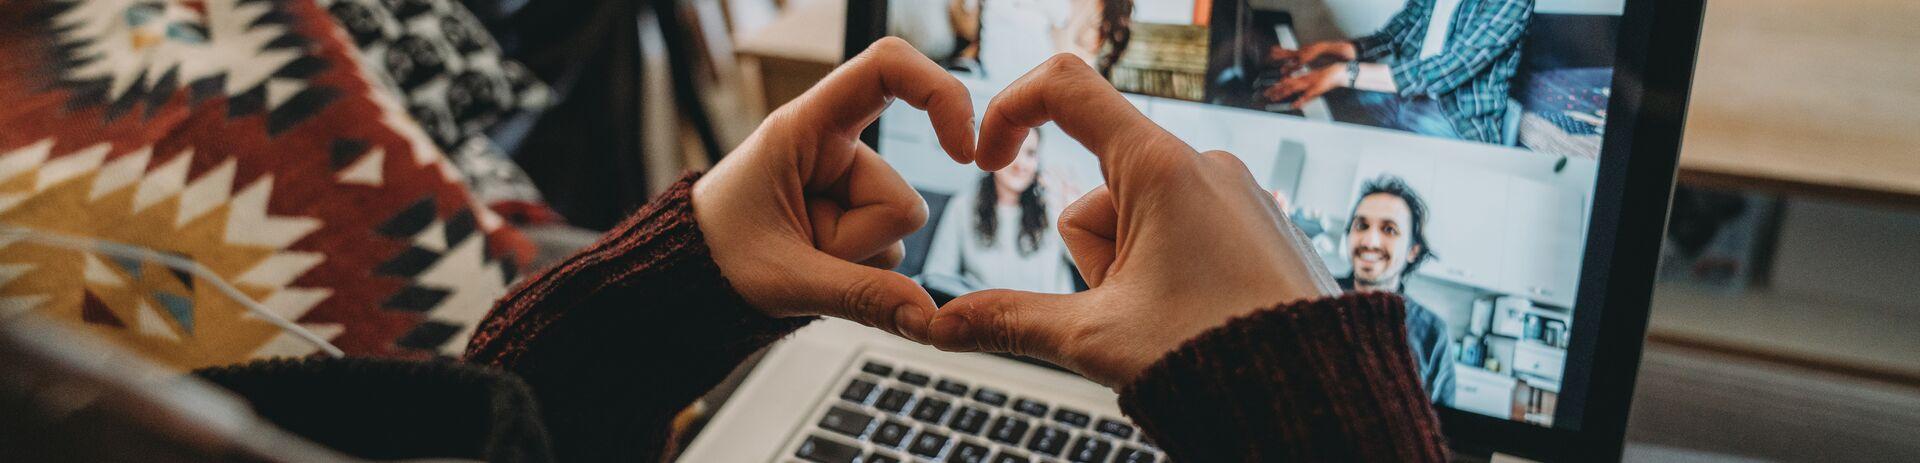 Online-Meeting mit Hand geformtes Herz